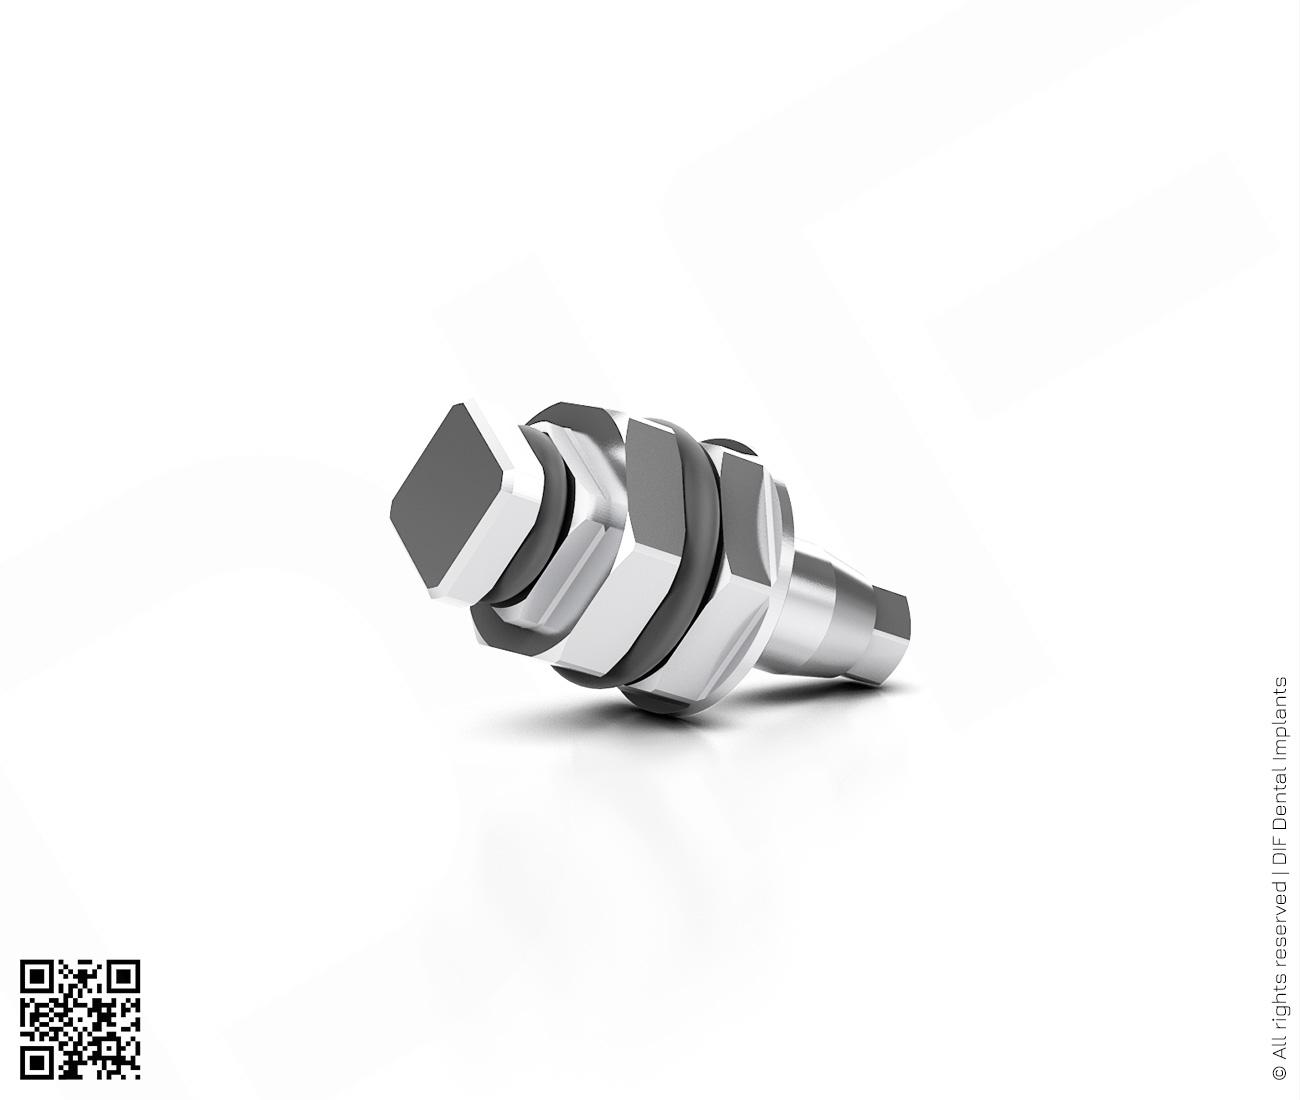 Фото отвертка шестигранная-имплантовод d2.5 мм – l6.0 мм  производства DIF.